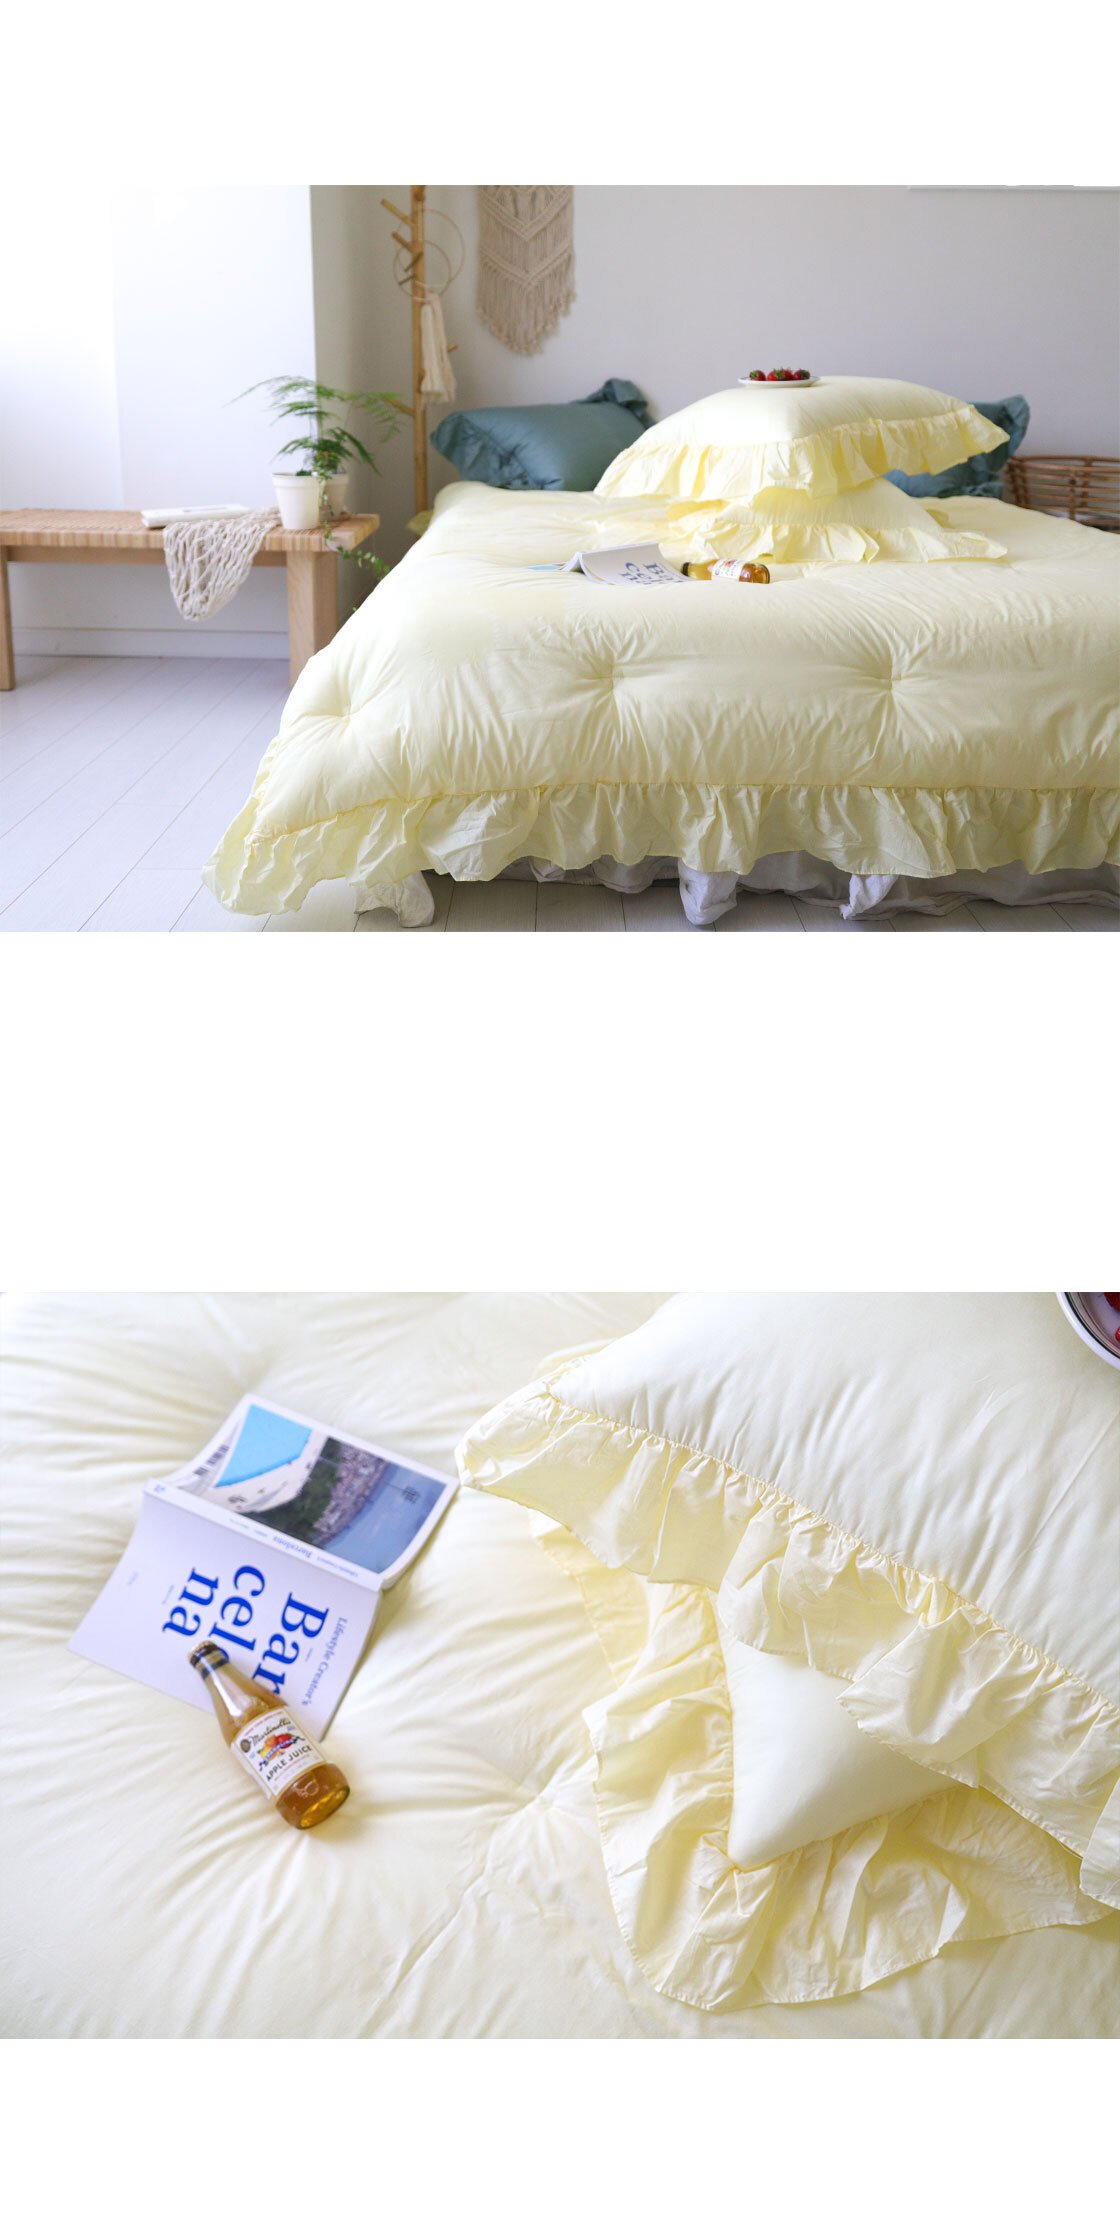 로맨틱프릴 레몬 60수 순면 침구풀세트 라지킹LK - 구르미애, 168,900원, 퀸/킹침구세트, 러블리/플라워